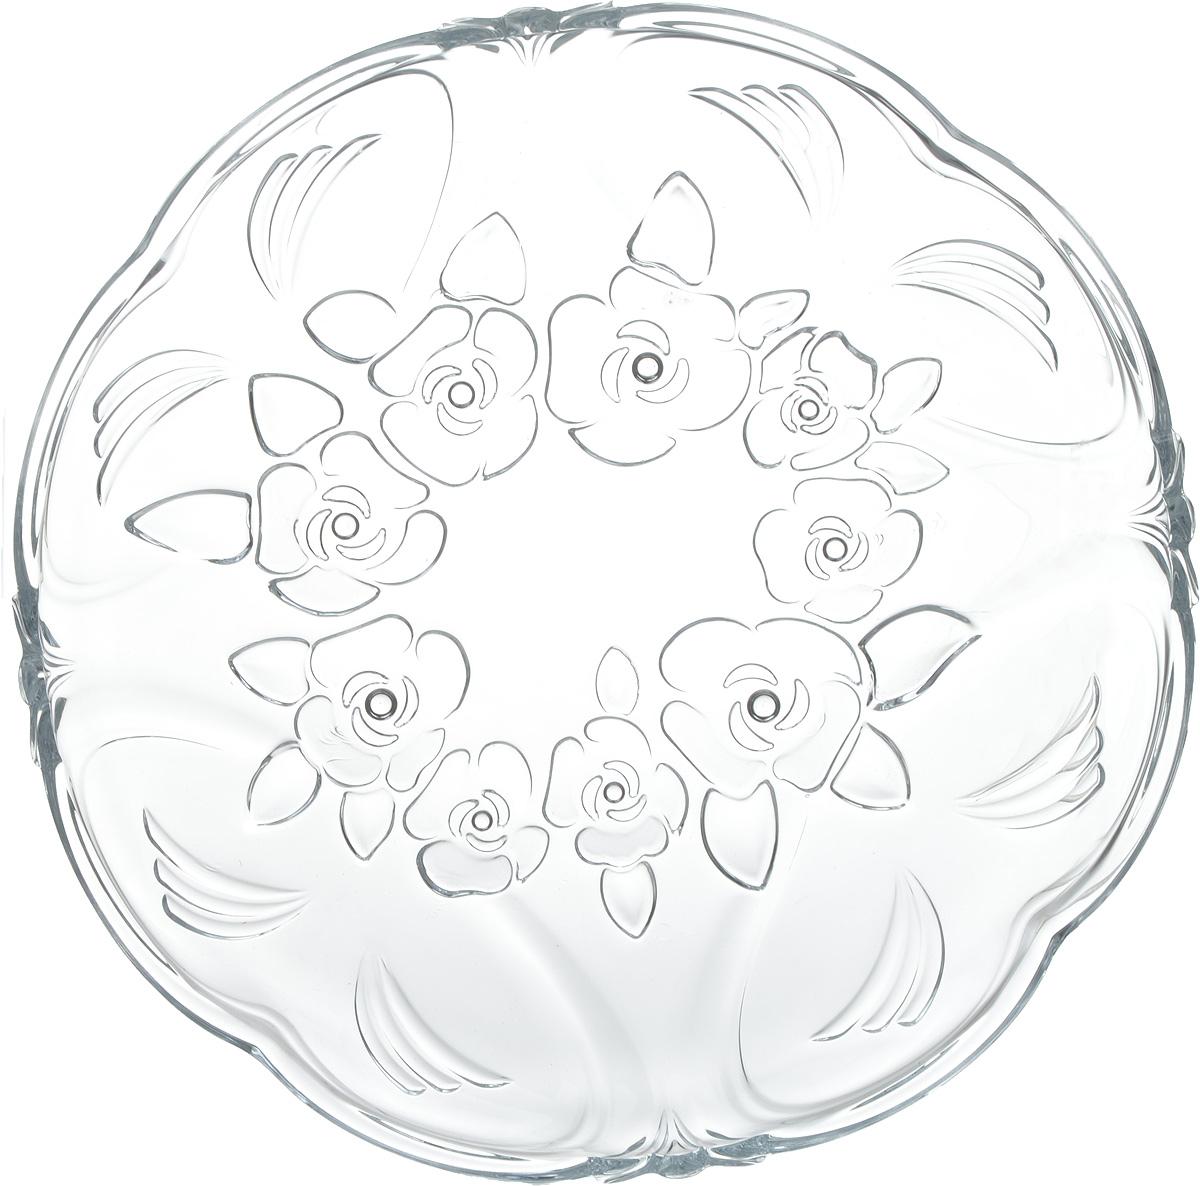 """Блюдо Isfahan """"Kokab"""", выполненное из высококачественного стекла, оригинально  украсит праздничный стол и поможет красиво расположить торт или пирог.  Такое изделие из  иранского боросиликатного стекла - новый тренд на рынке посуды. Оно легче хрусталя, но при  этом выглядит достаточно """"хрустально"""": те же грани, узоры, преломление света, блики,  прозрачность, плавность краев и устойчивость дна."""